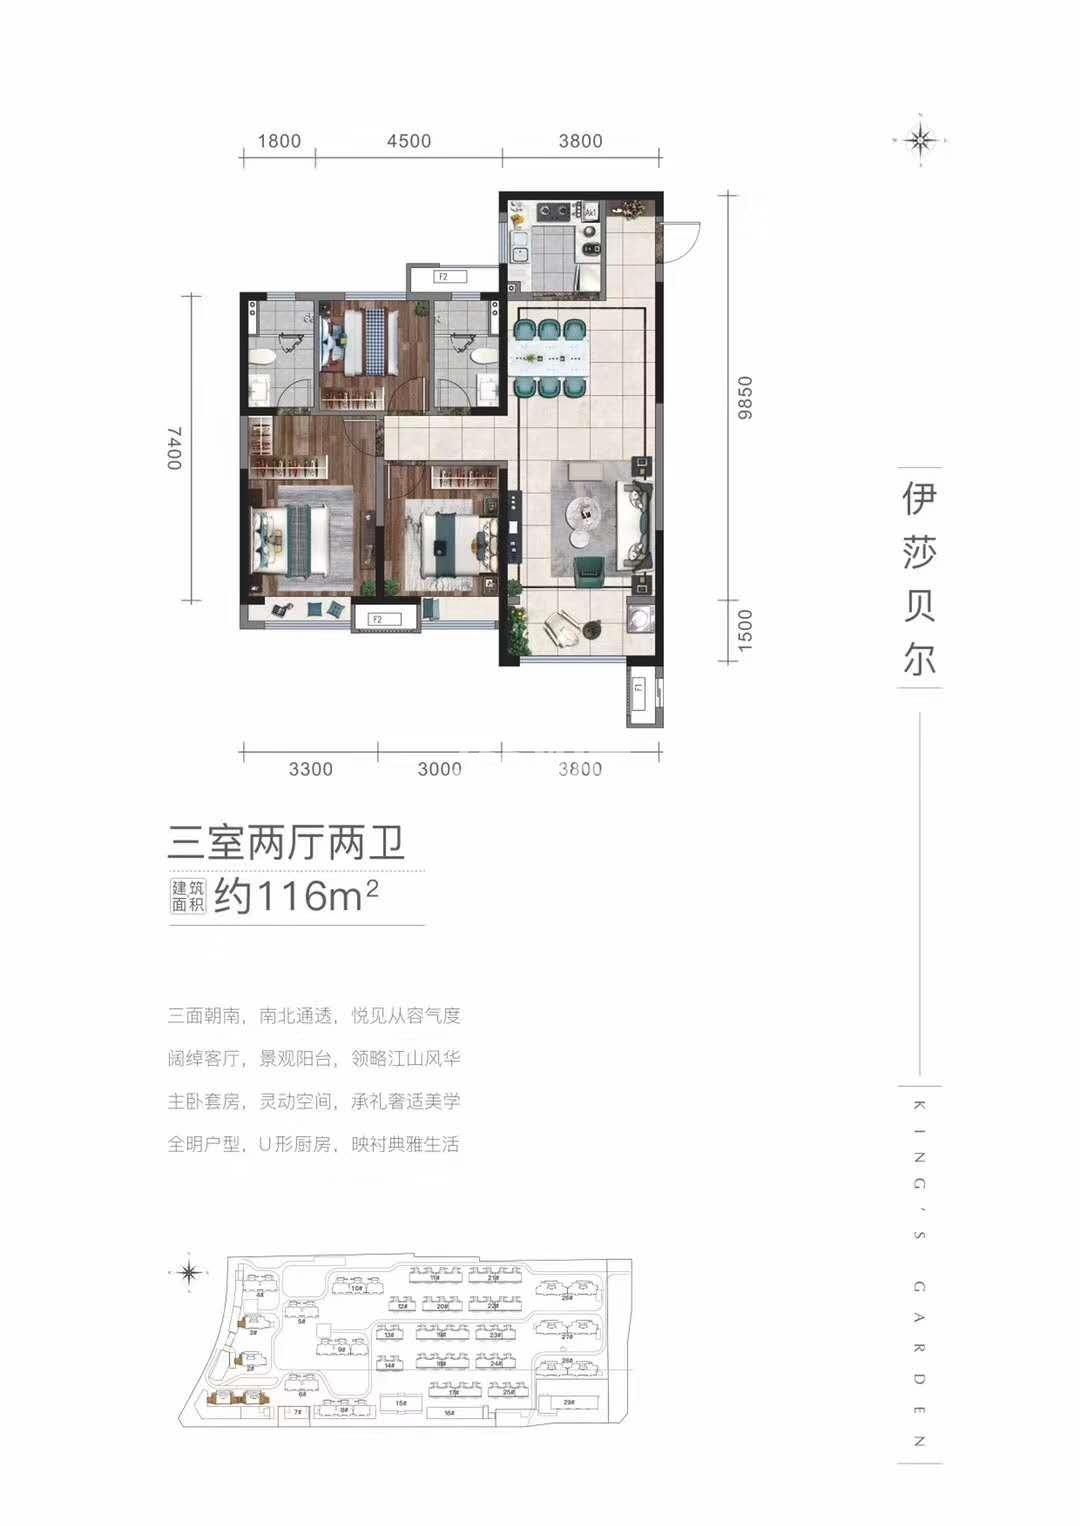 金辉江山名著116㎡三室两厅两卫户型图